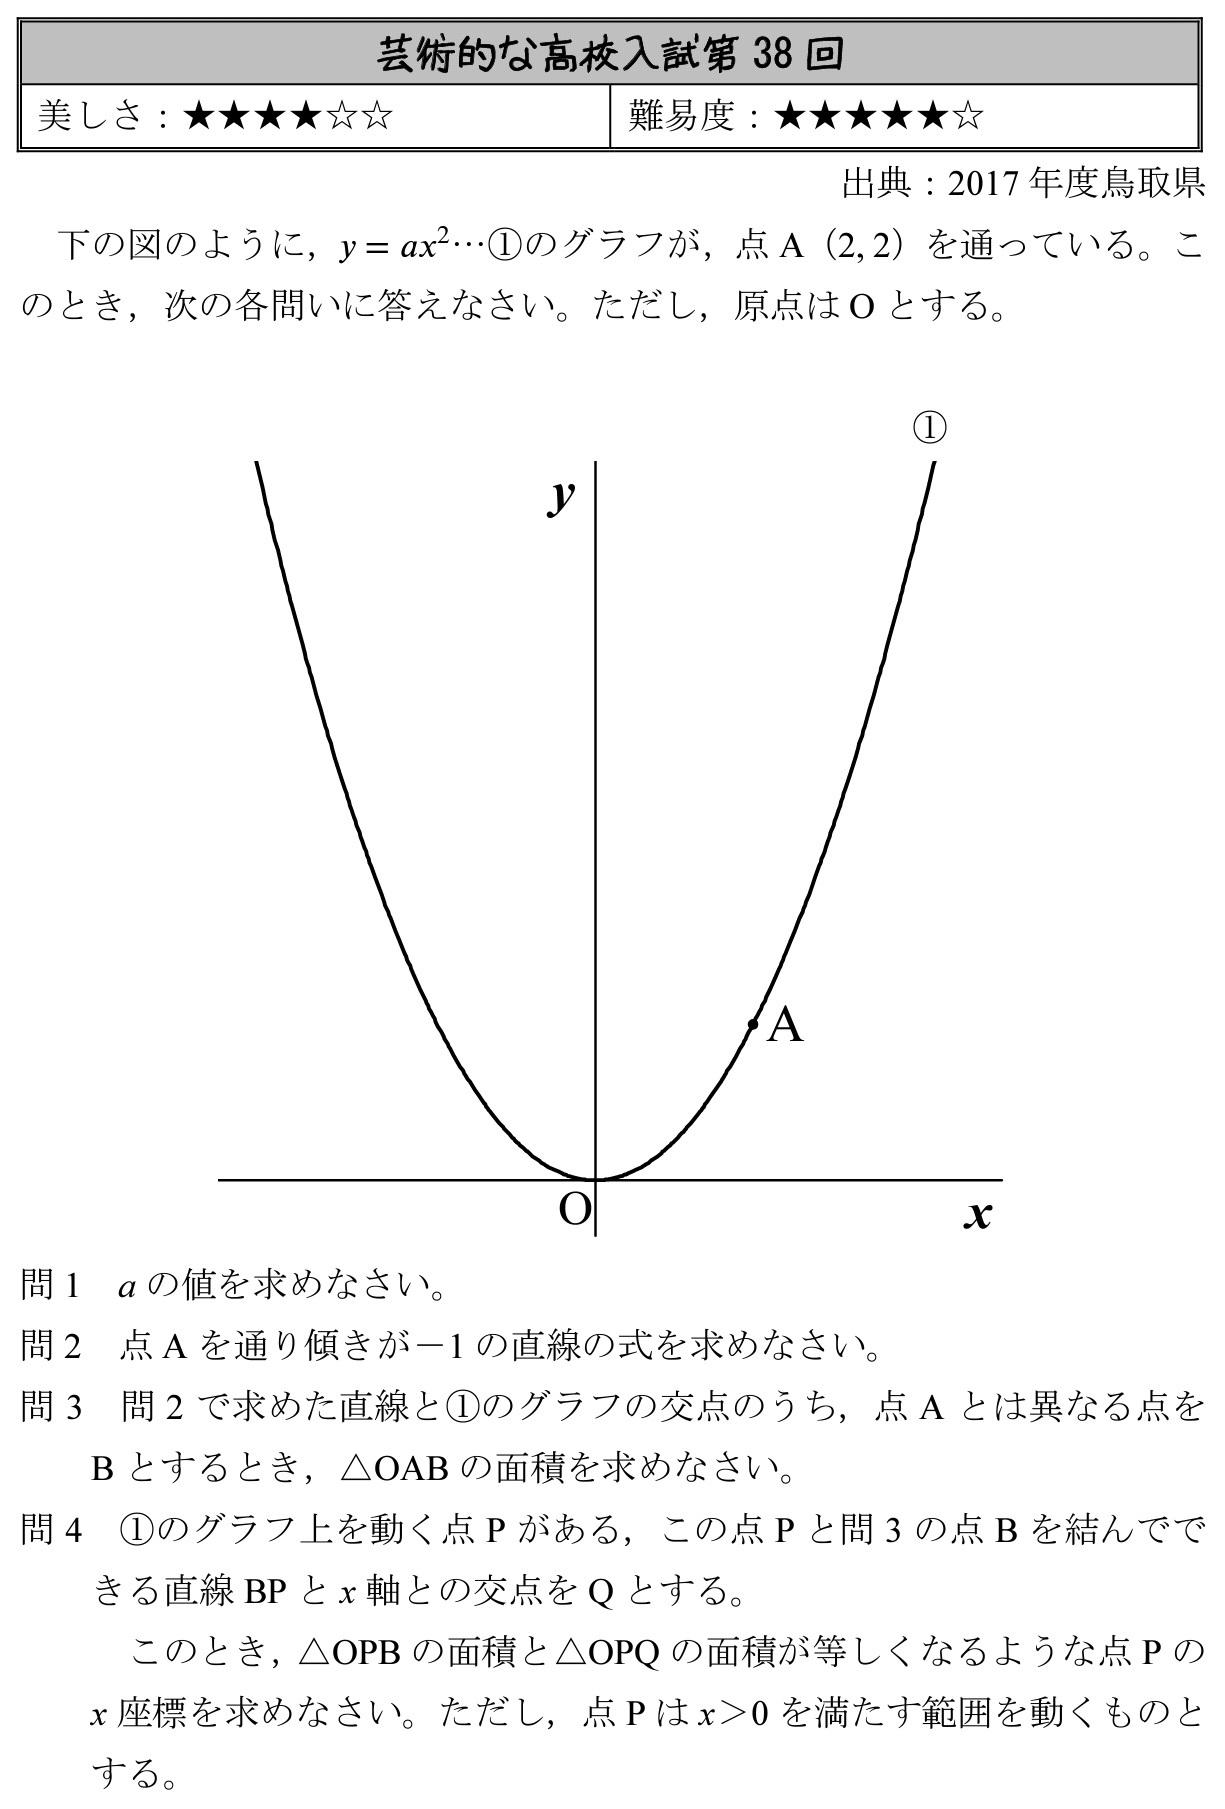 tori1.jpg